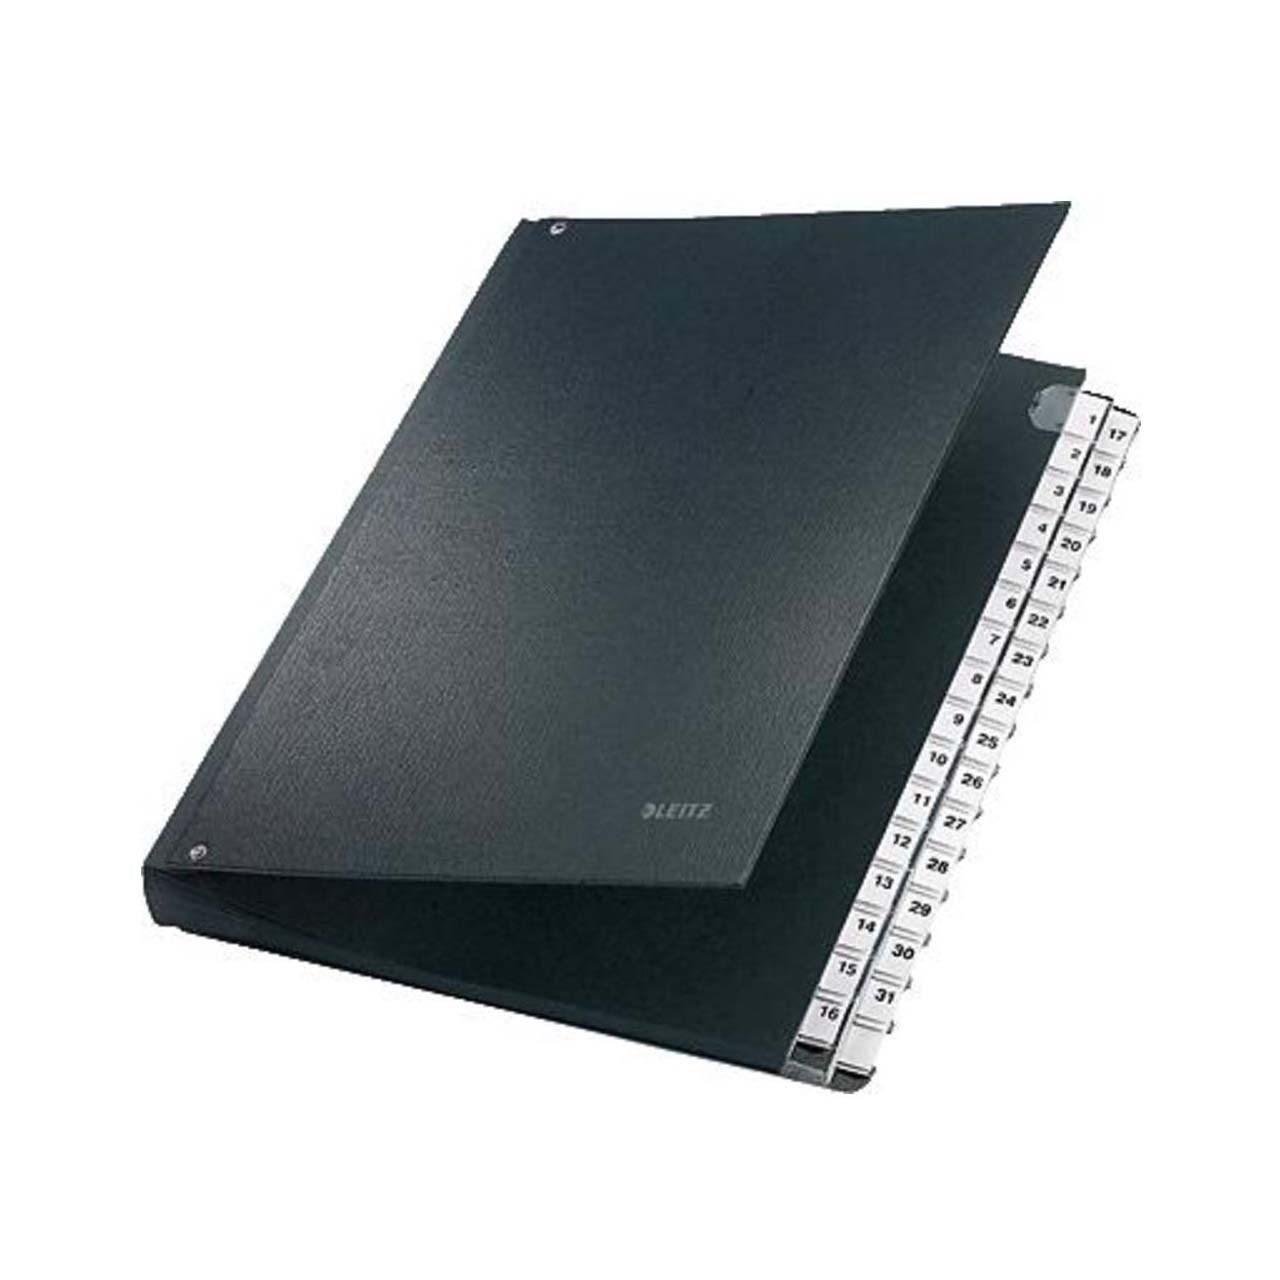 کارتابل اداری لایتز مدل 5931